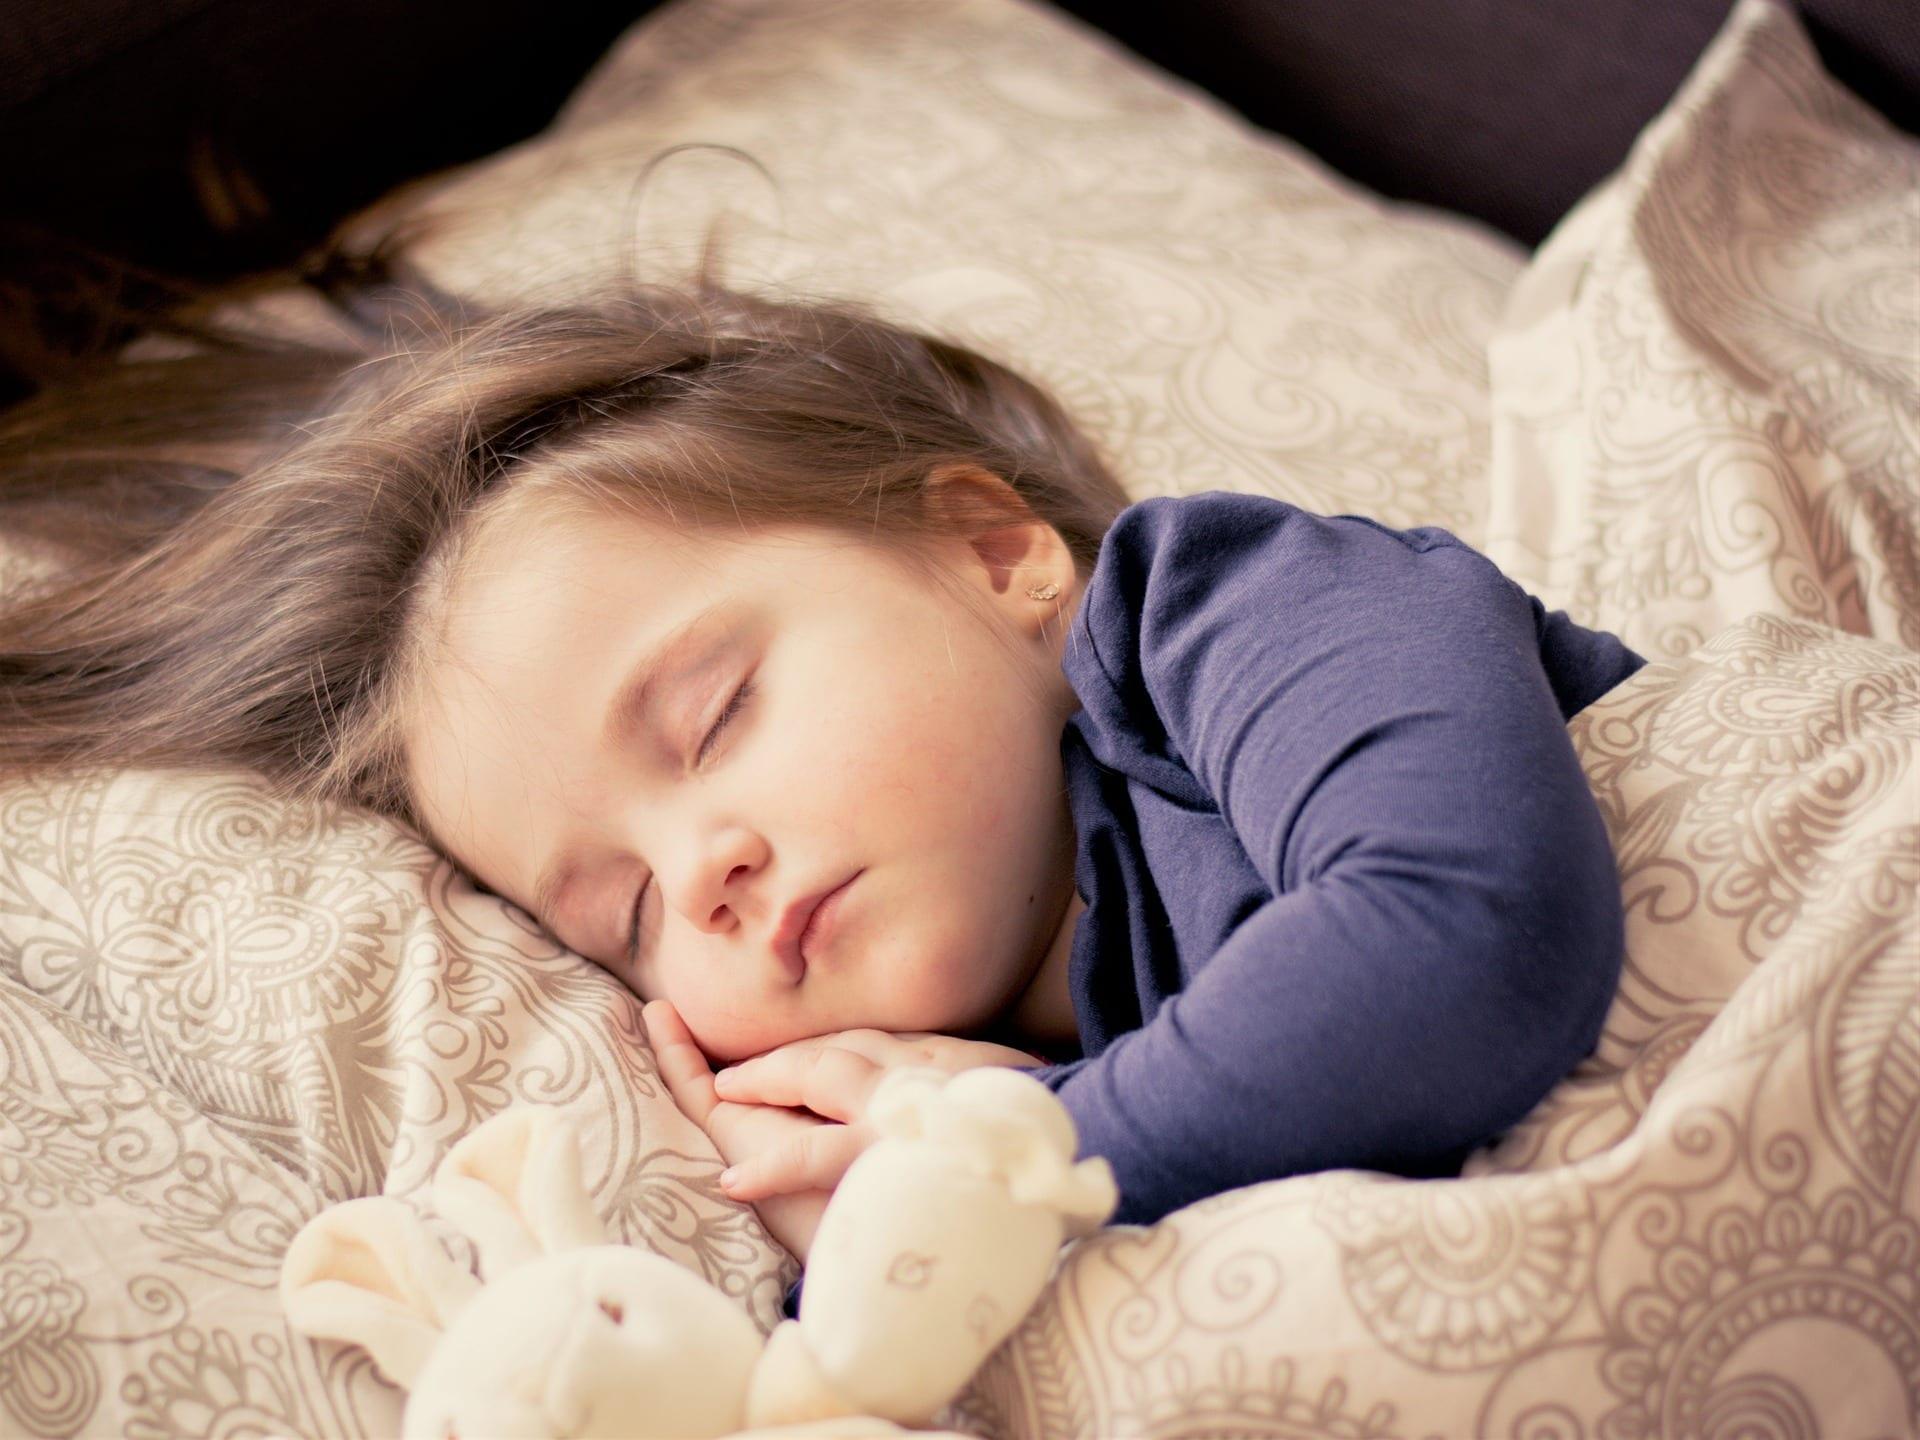 Mất Ngủ: Nguyên nhân và cách điều trị